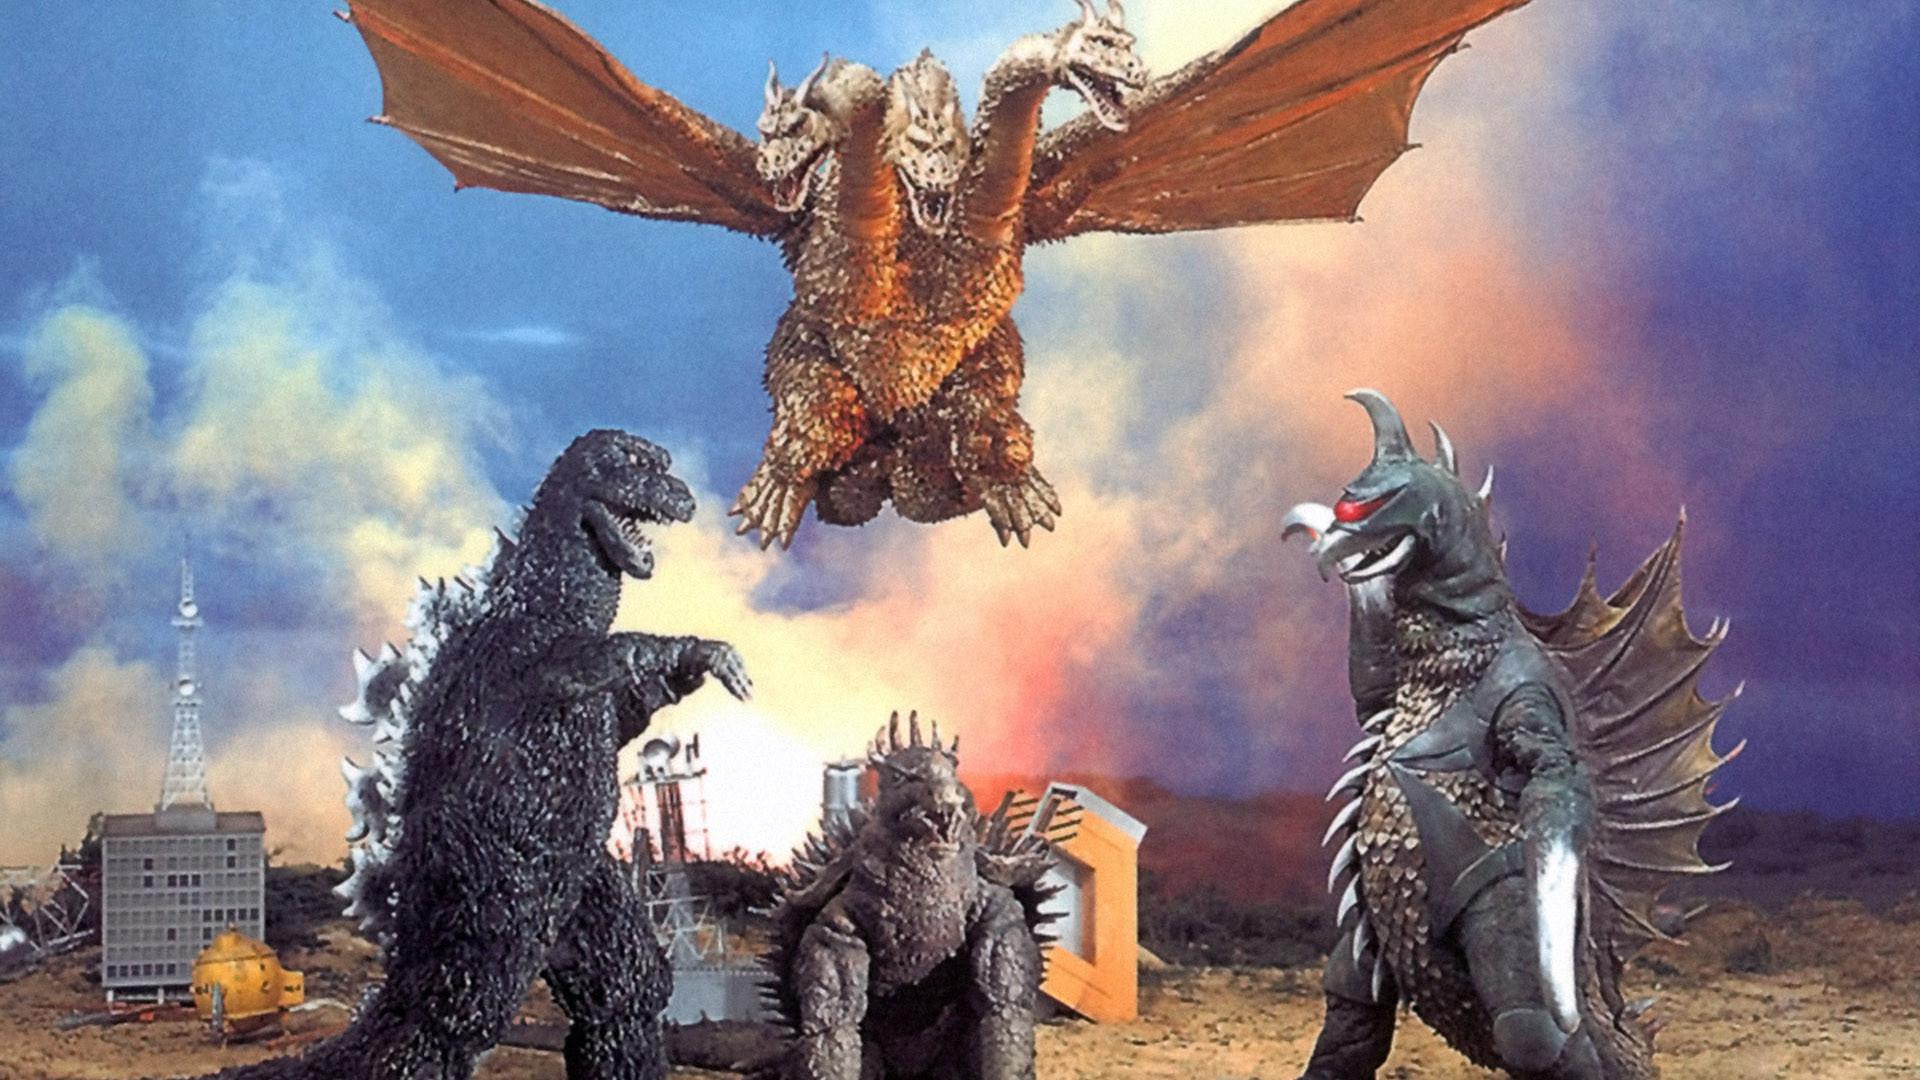 Godzilla-vs-gigan